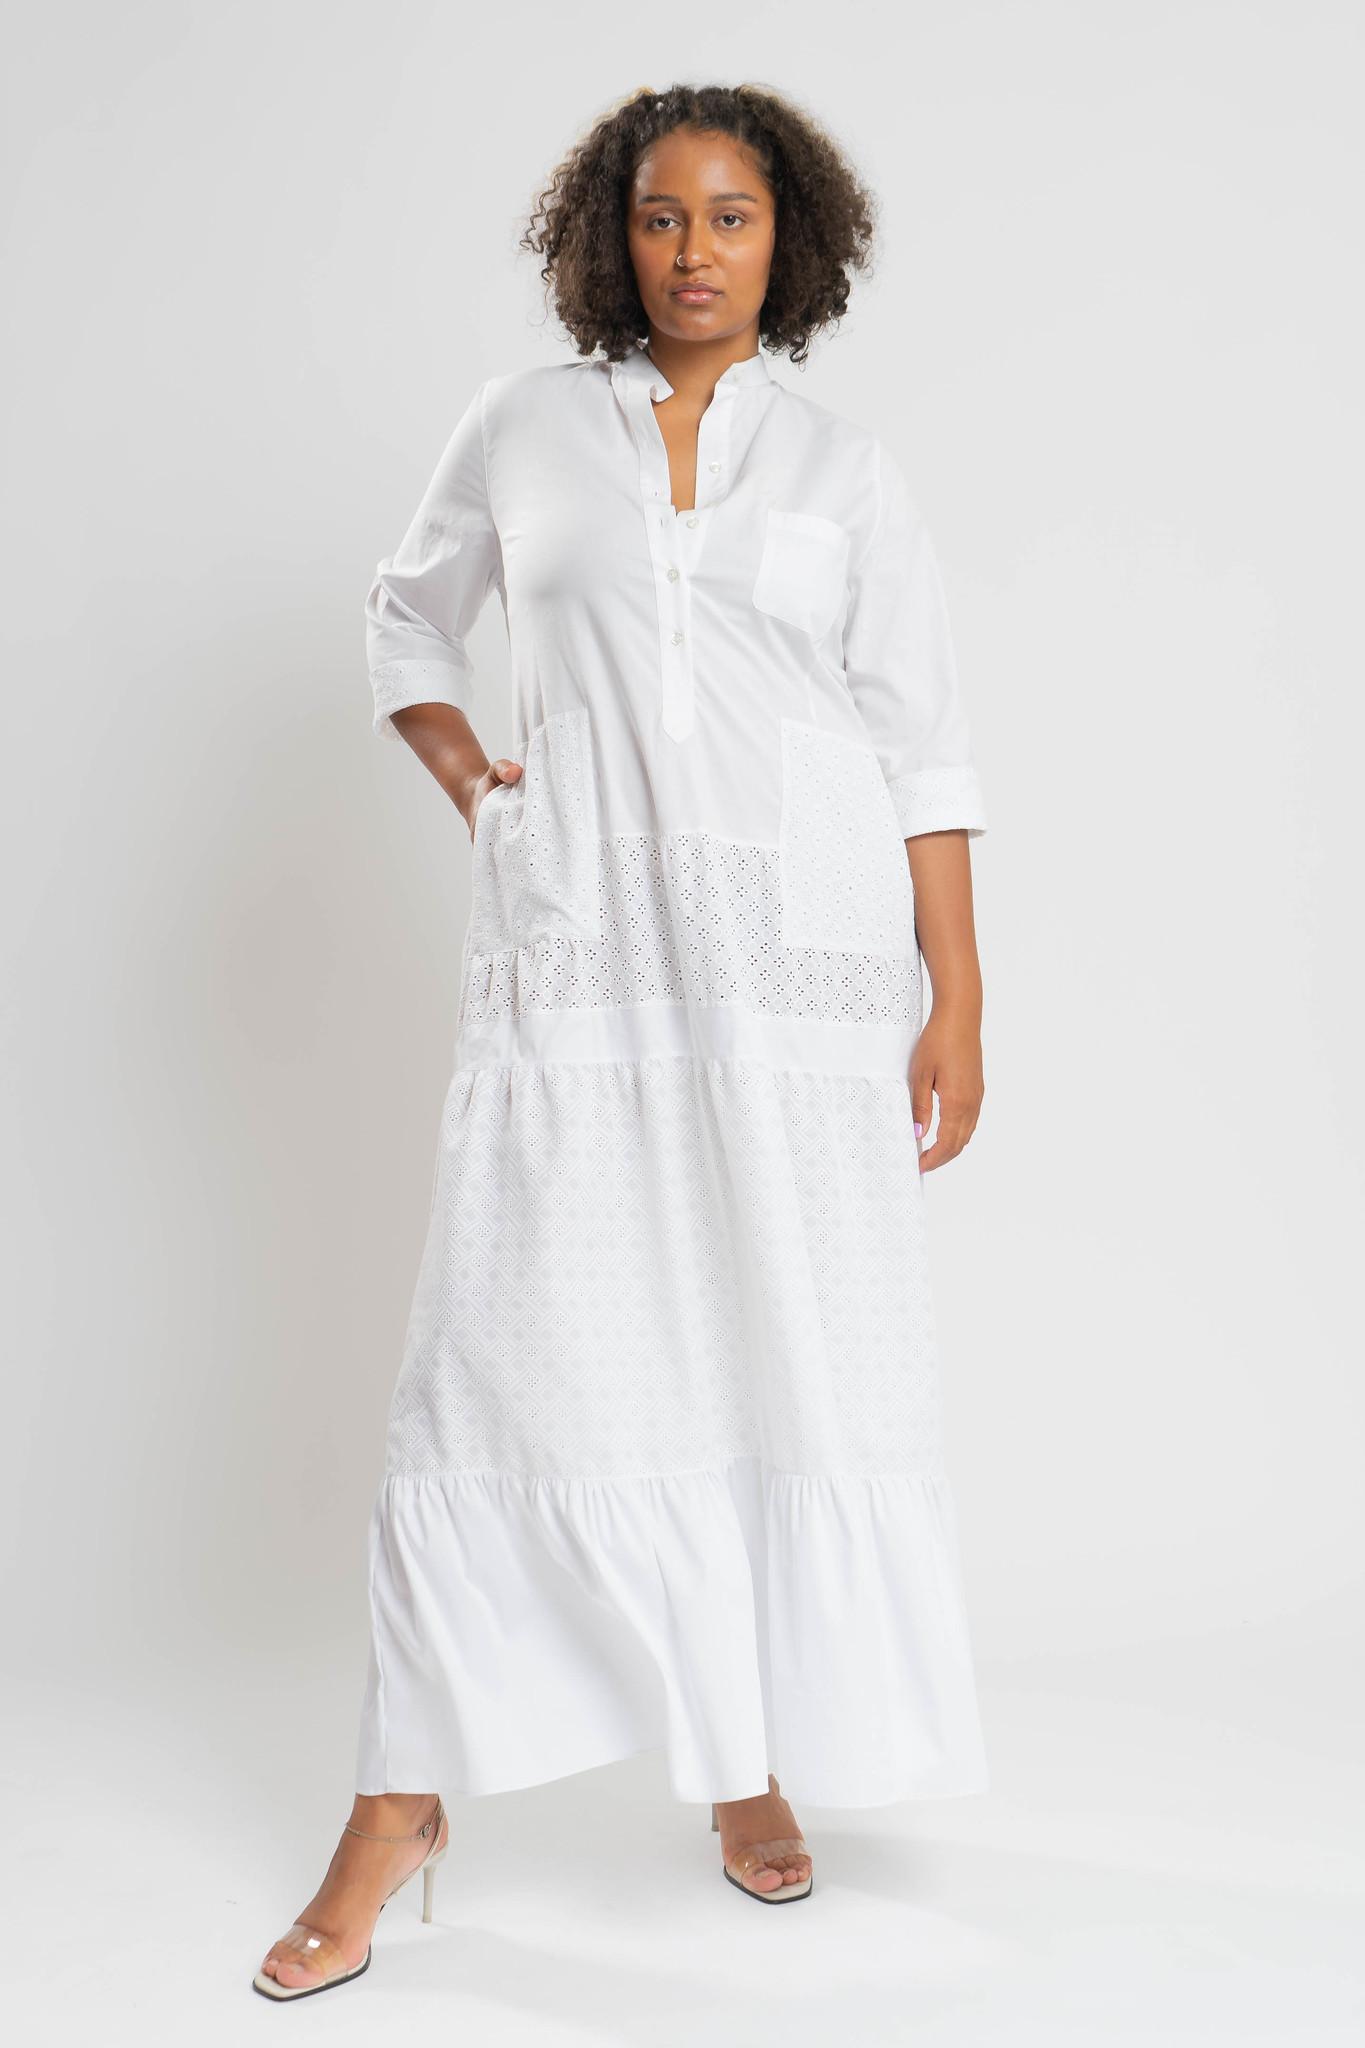 RAIKA Upcycle Kleid aus Baumwolle-1